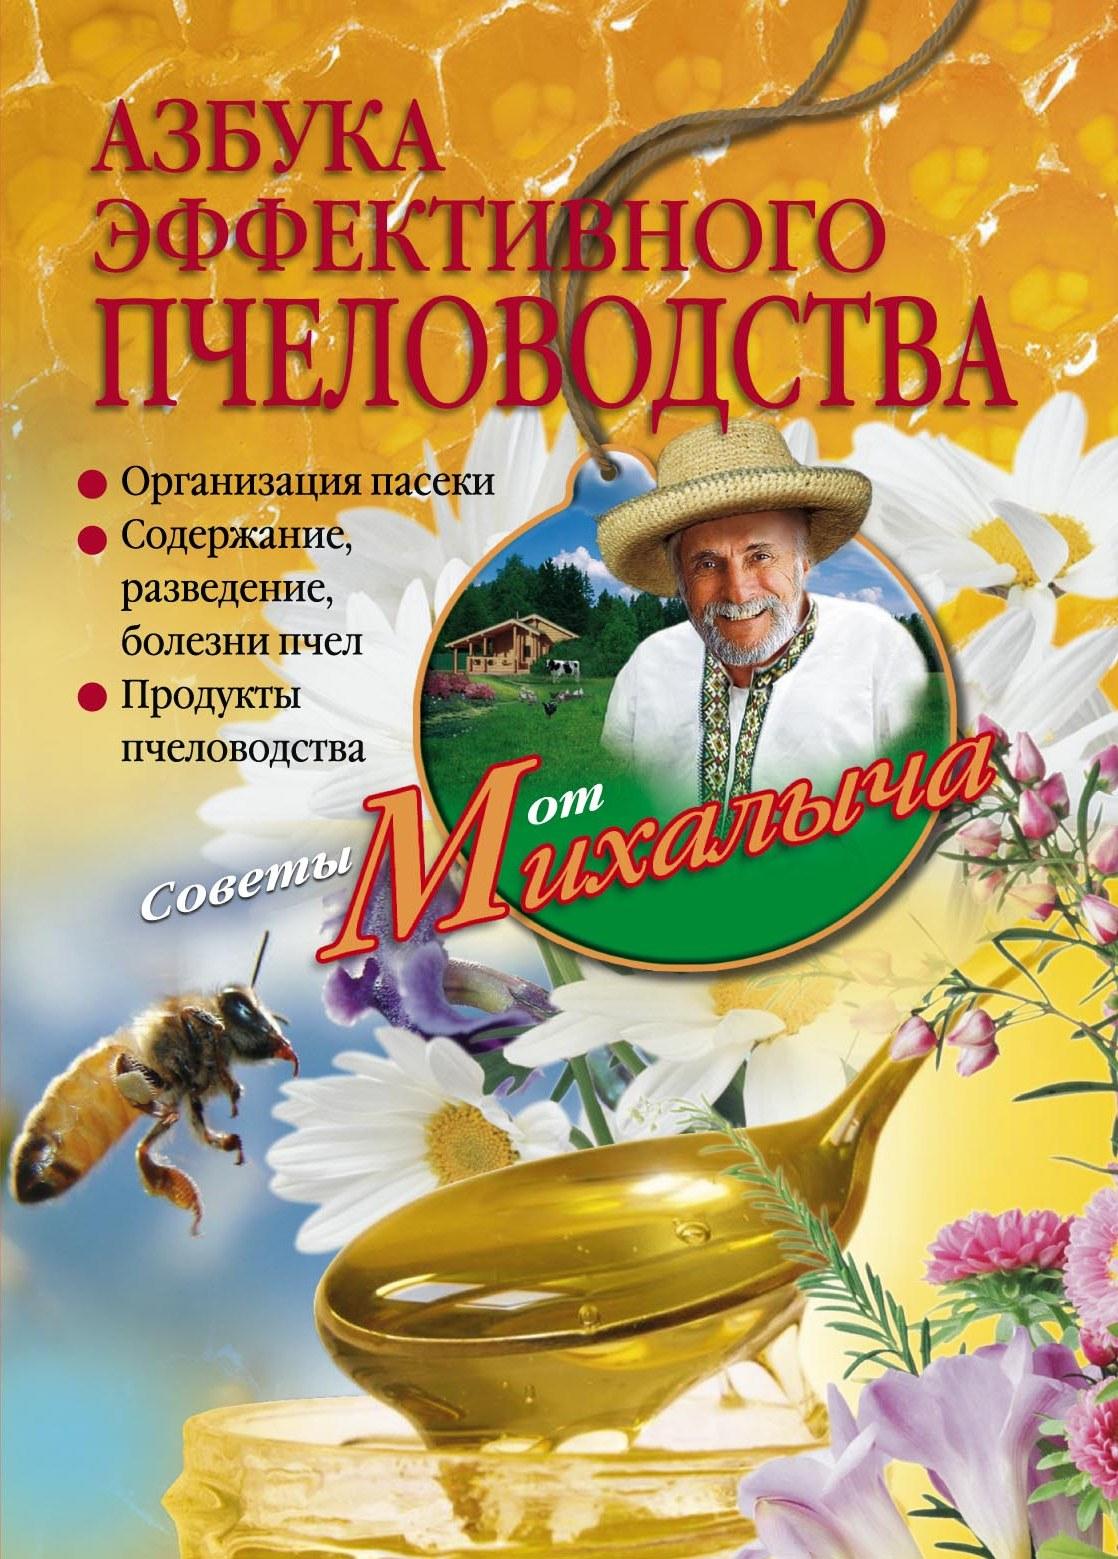 Николай Звонарев Азбука эффективного пчеловодства владимир преображенский дары медоносной пчелы лечение продуктами пчеловодства